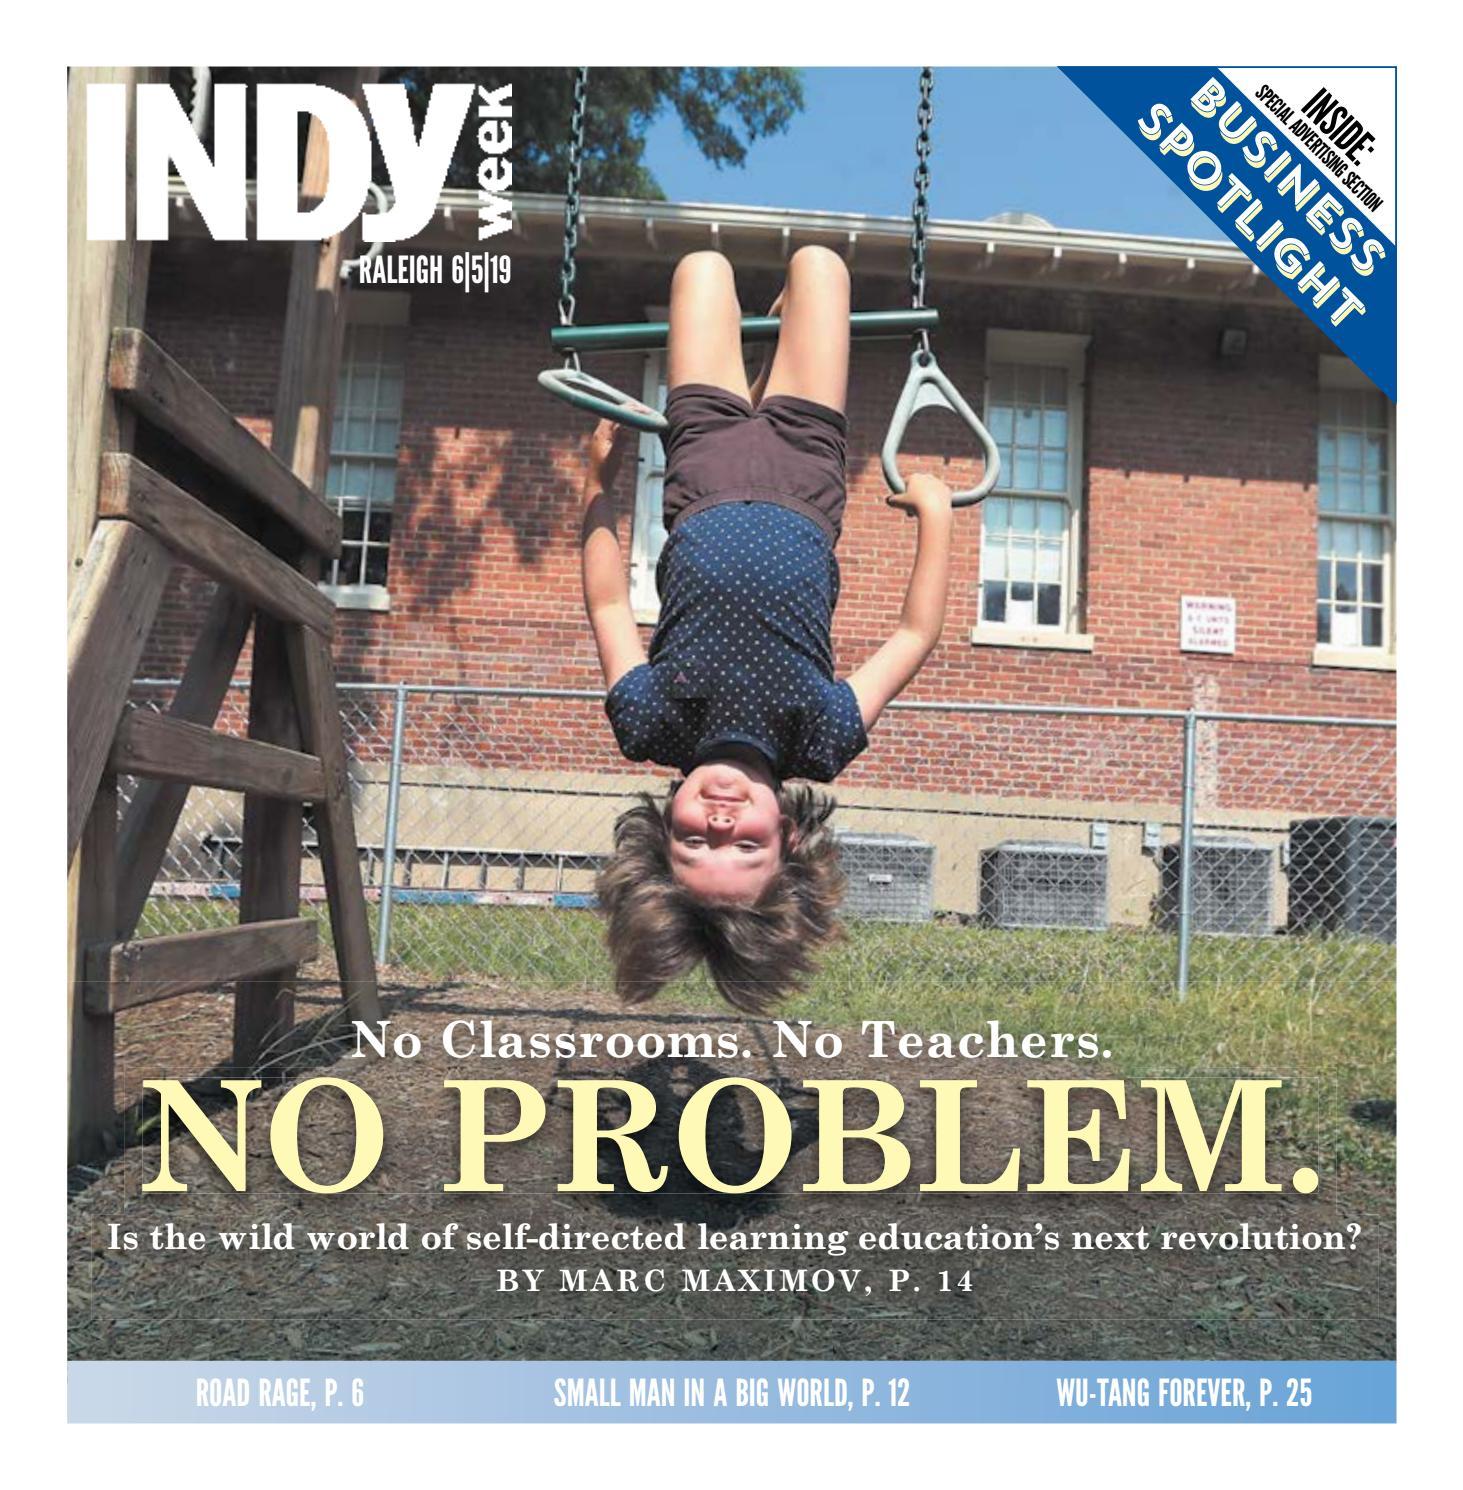 INDY Week 6 5 19 by Indy Week - issuu